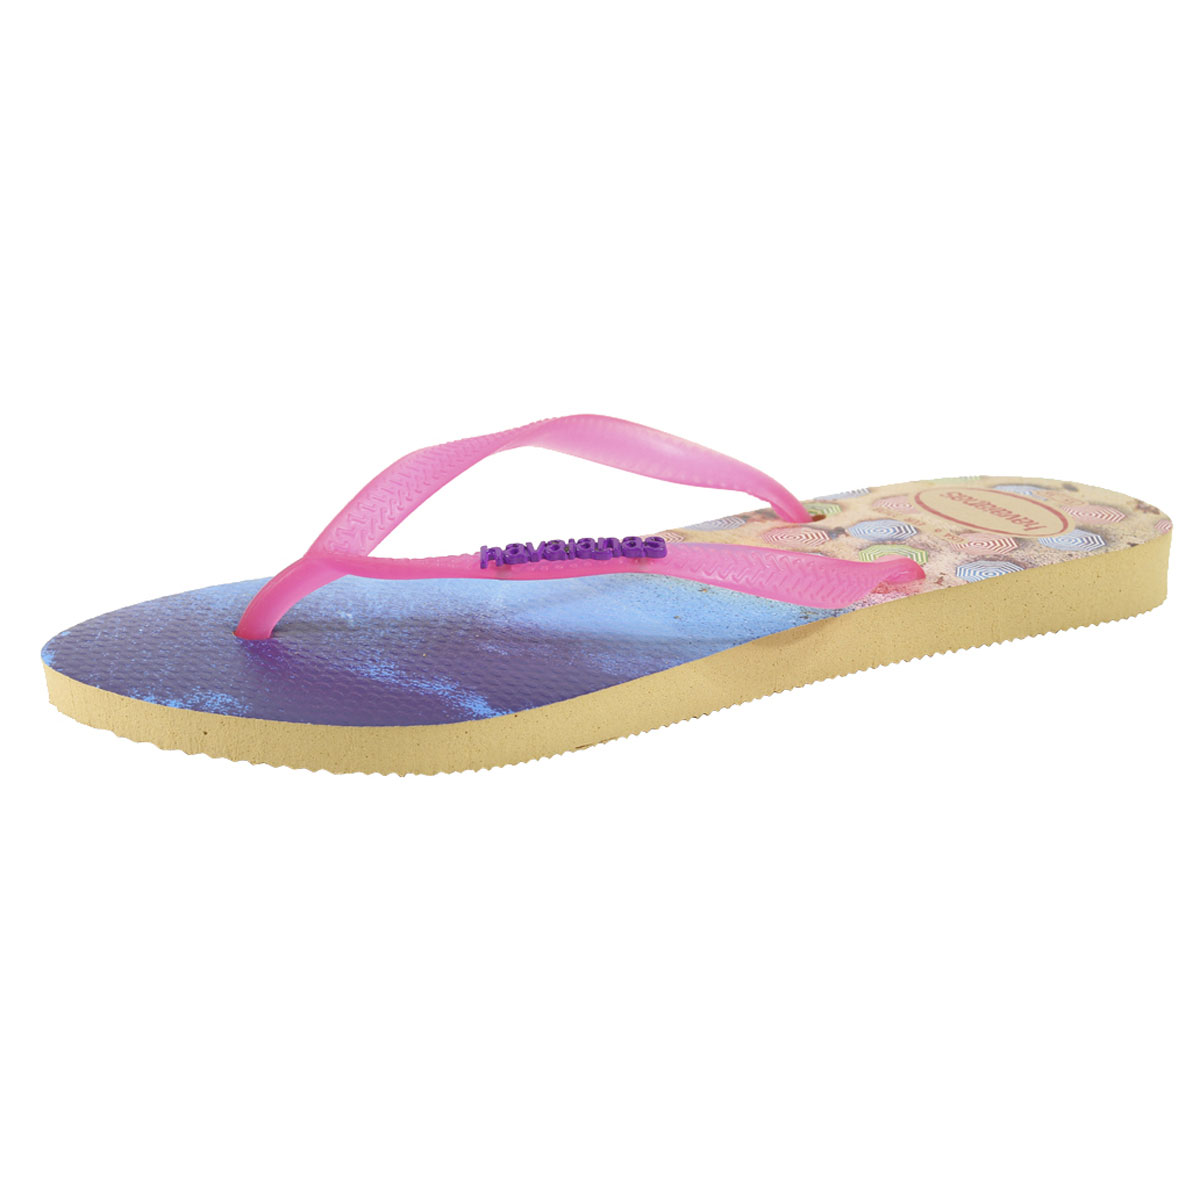 2aecc93c0 Havaianas Women s Slim Paisage Flip Flops Sandals Shoes